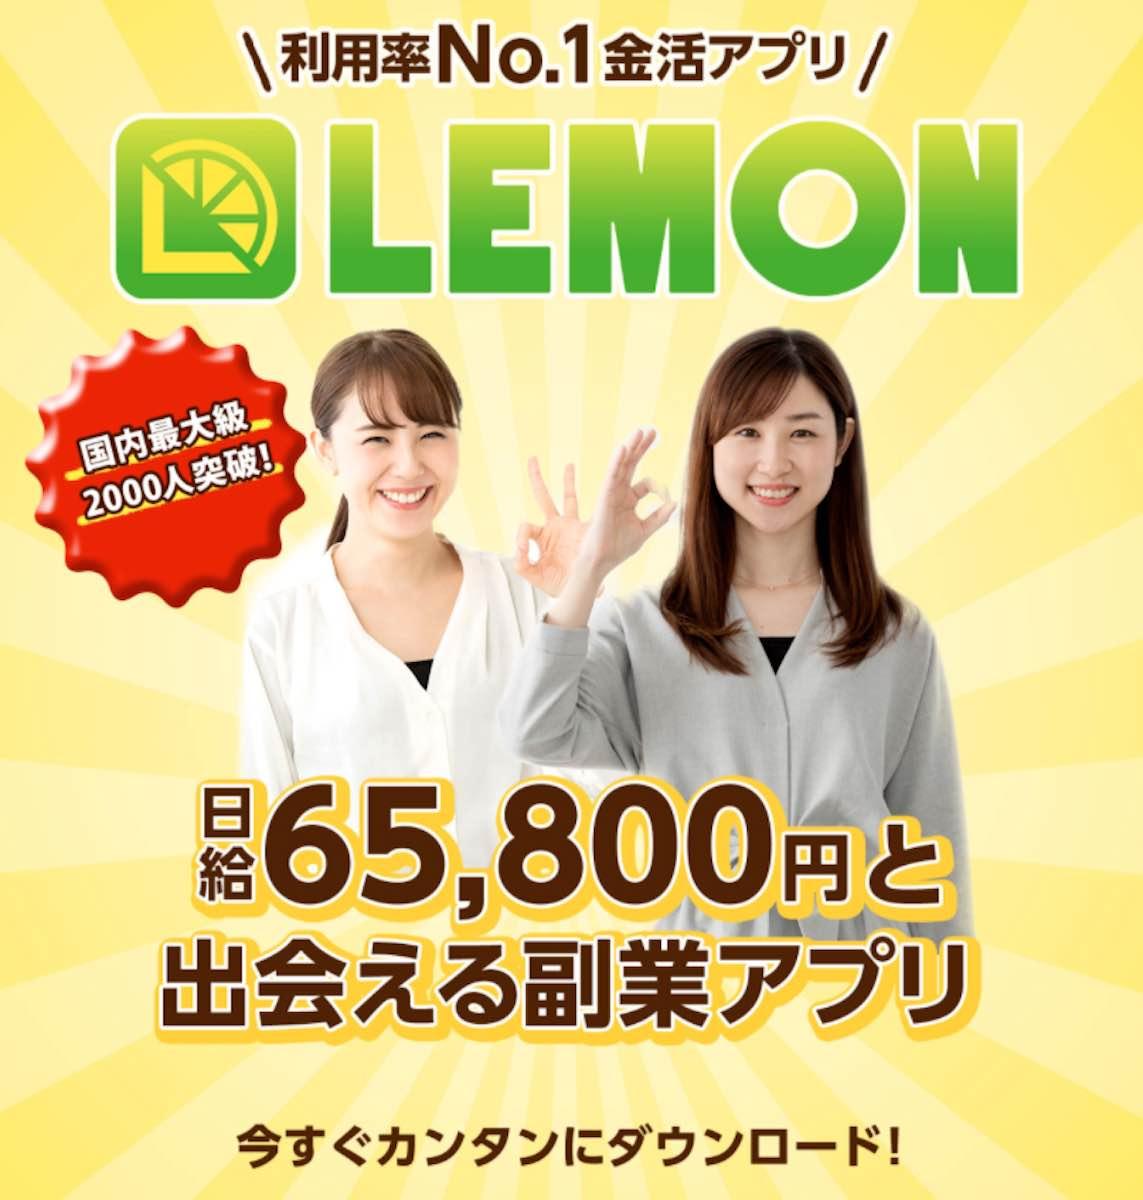 LEMON(レモン)は怪しい副業?アプリで月200万円稼ぐ方法は危険?詐欺なのか稼げるのか評判や口コミを徹底解説